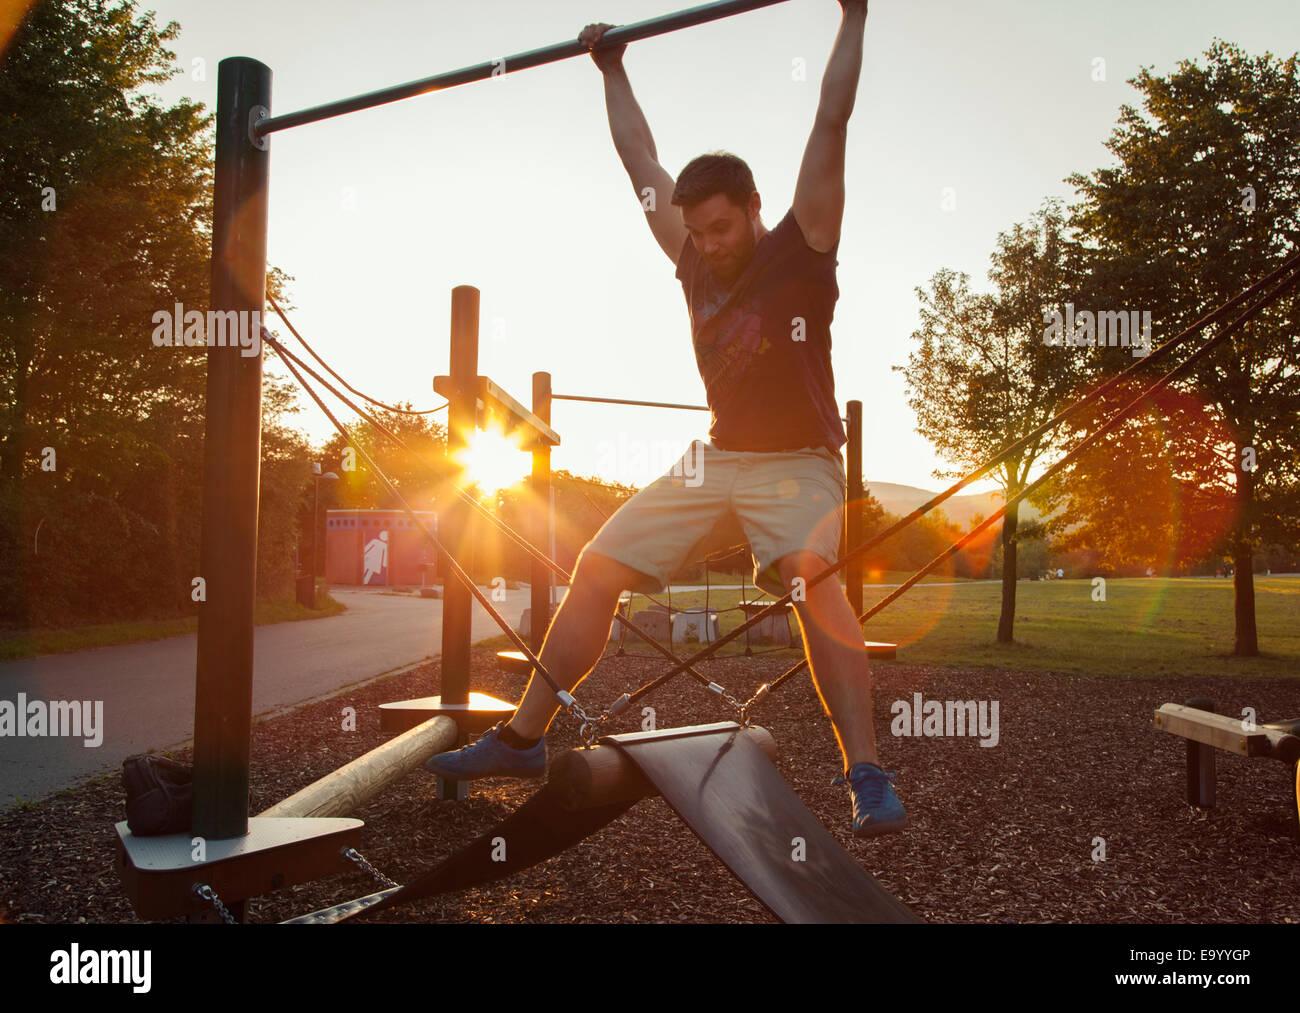 Siluetas de joven se balanceen en playground columpios al atardecer Imagen De Stock